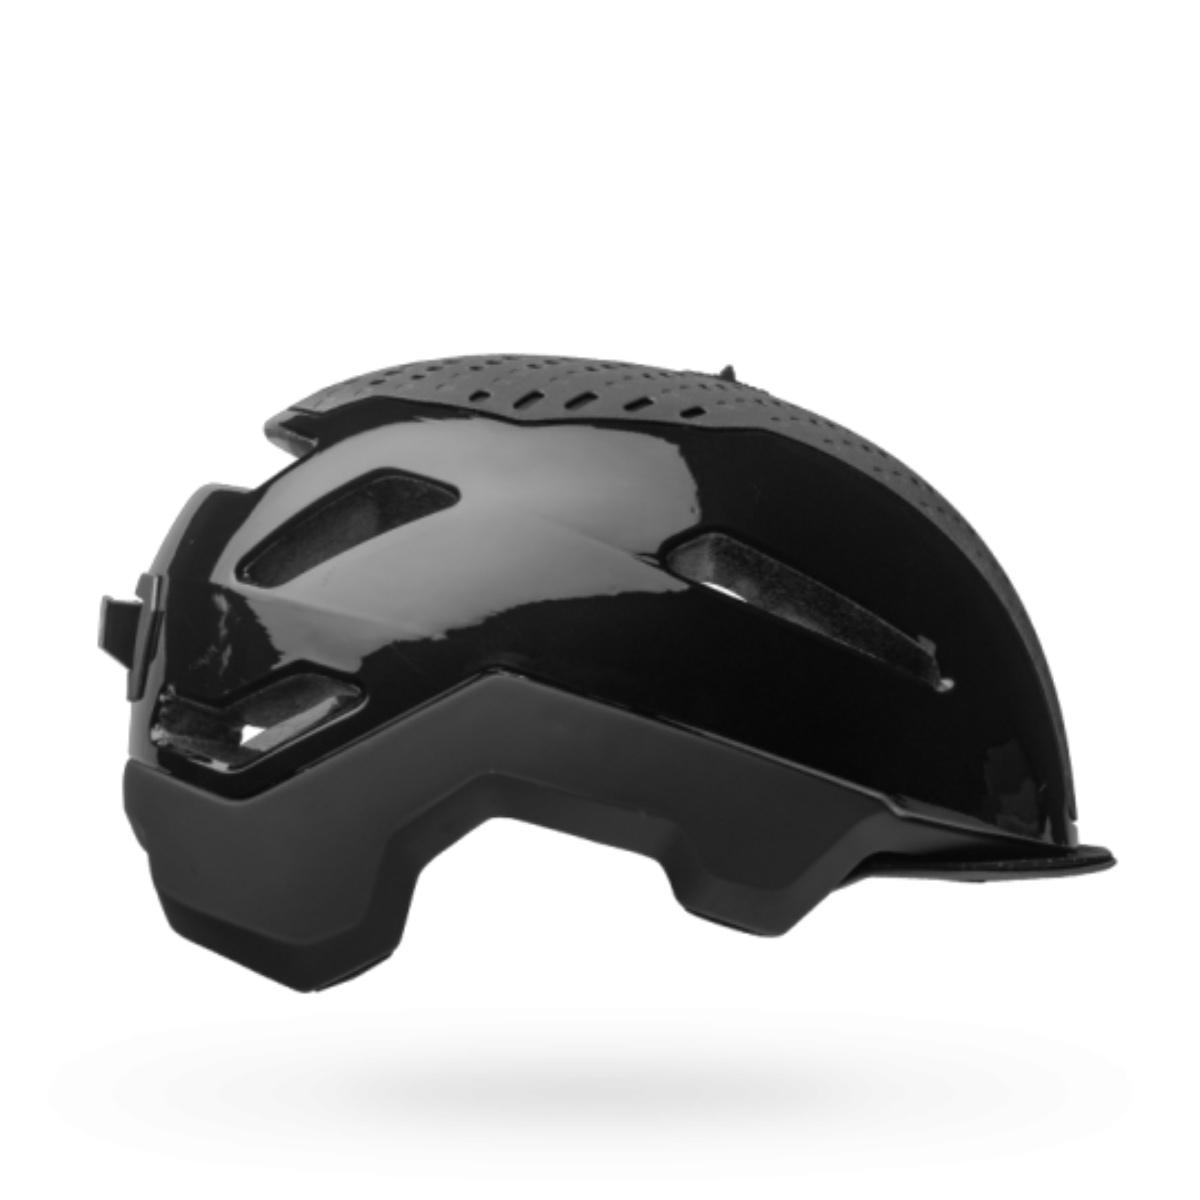 Best Bell Bike Helmets